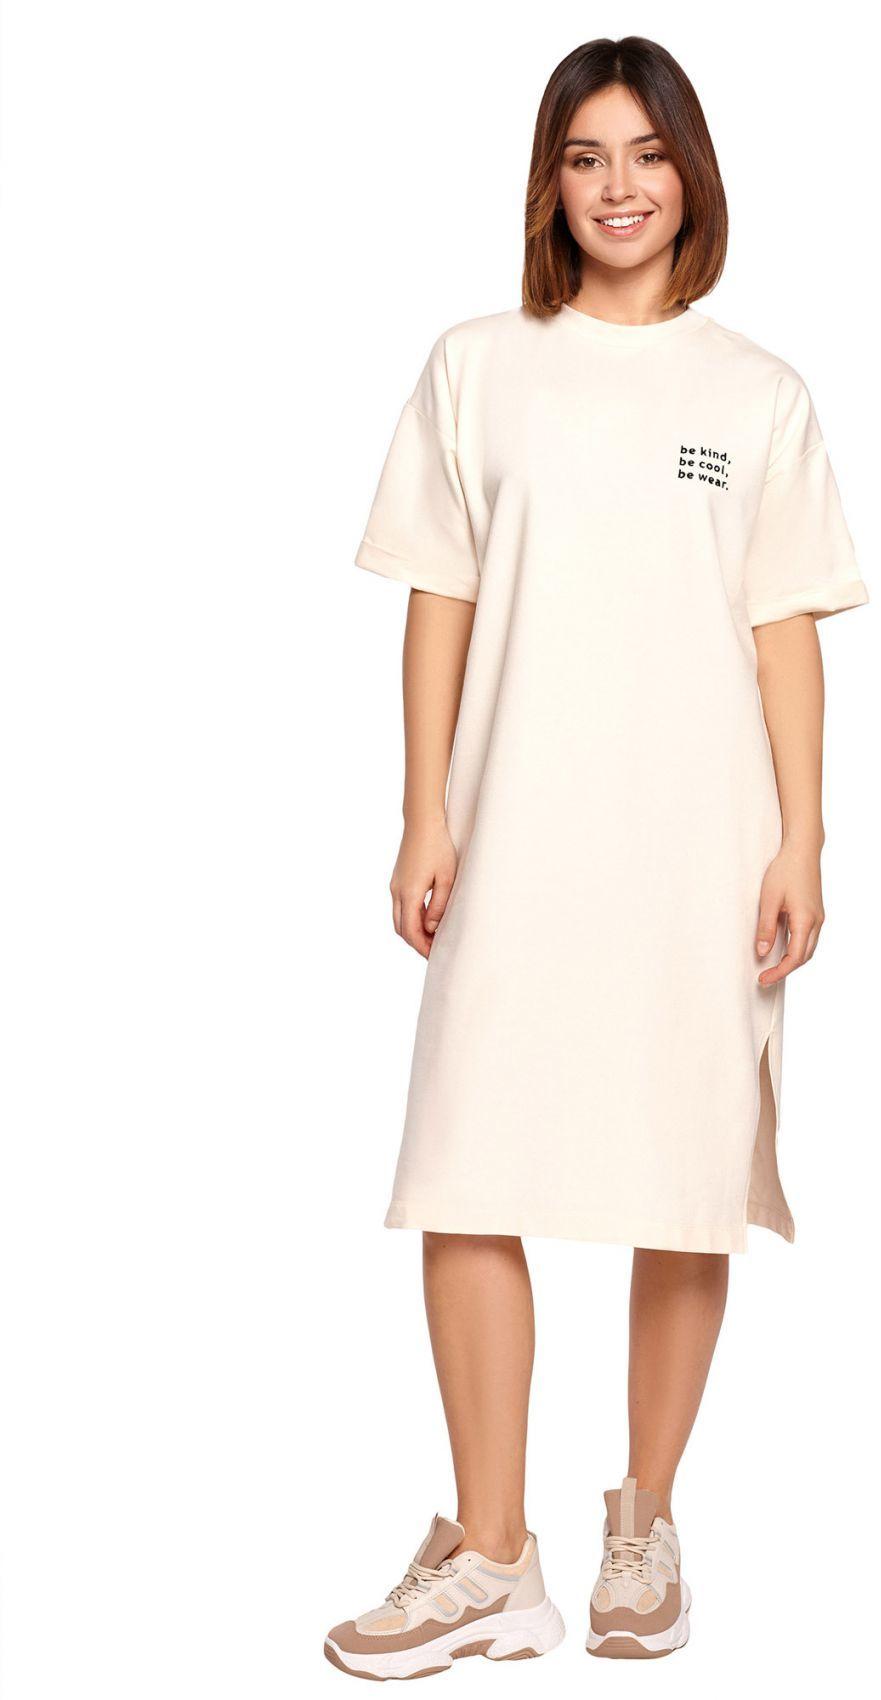 B194 Sukienka t-shirtowa - śmietankowa